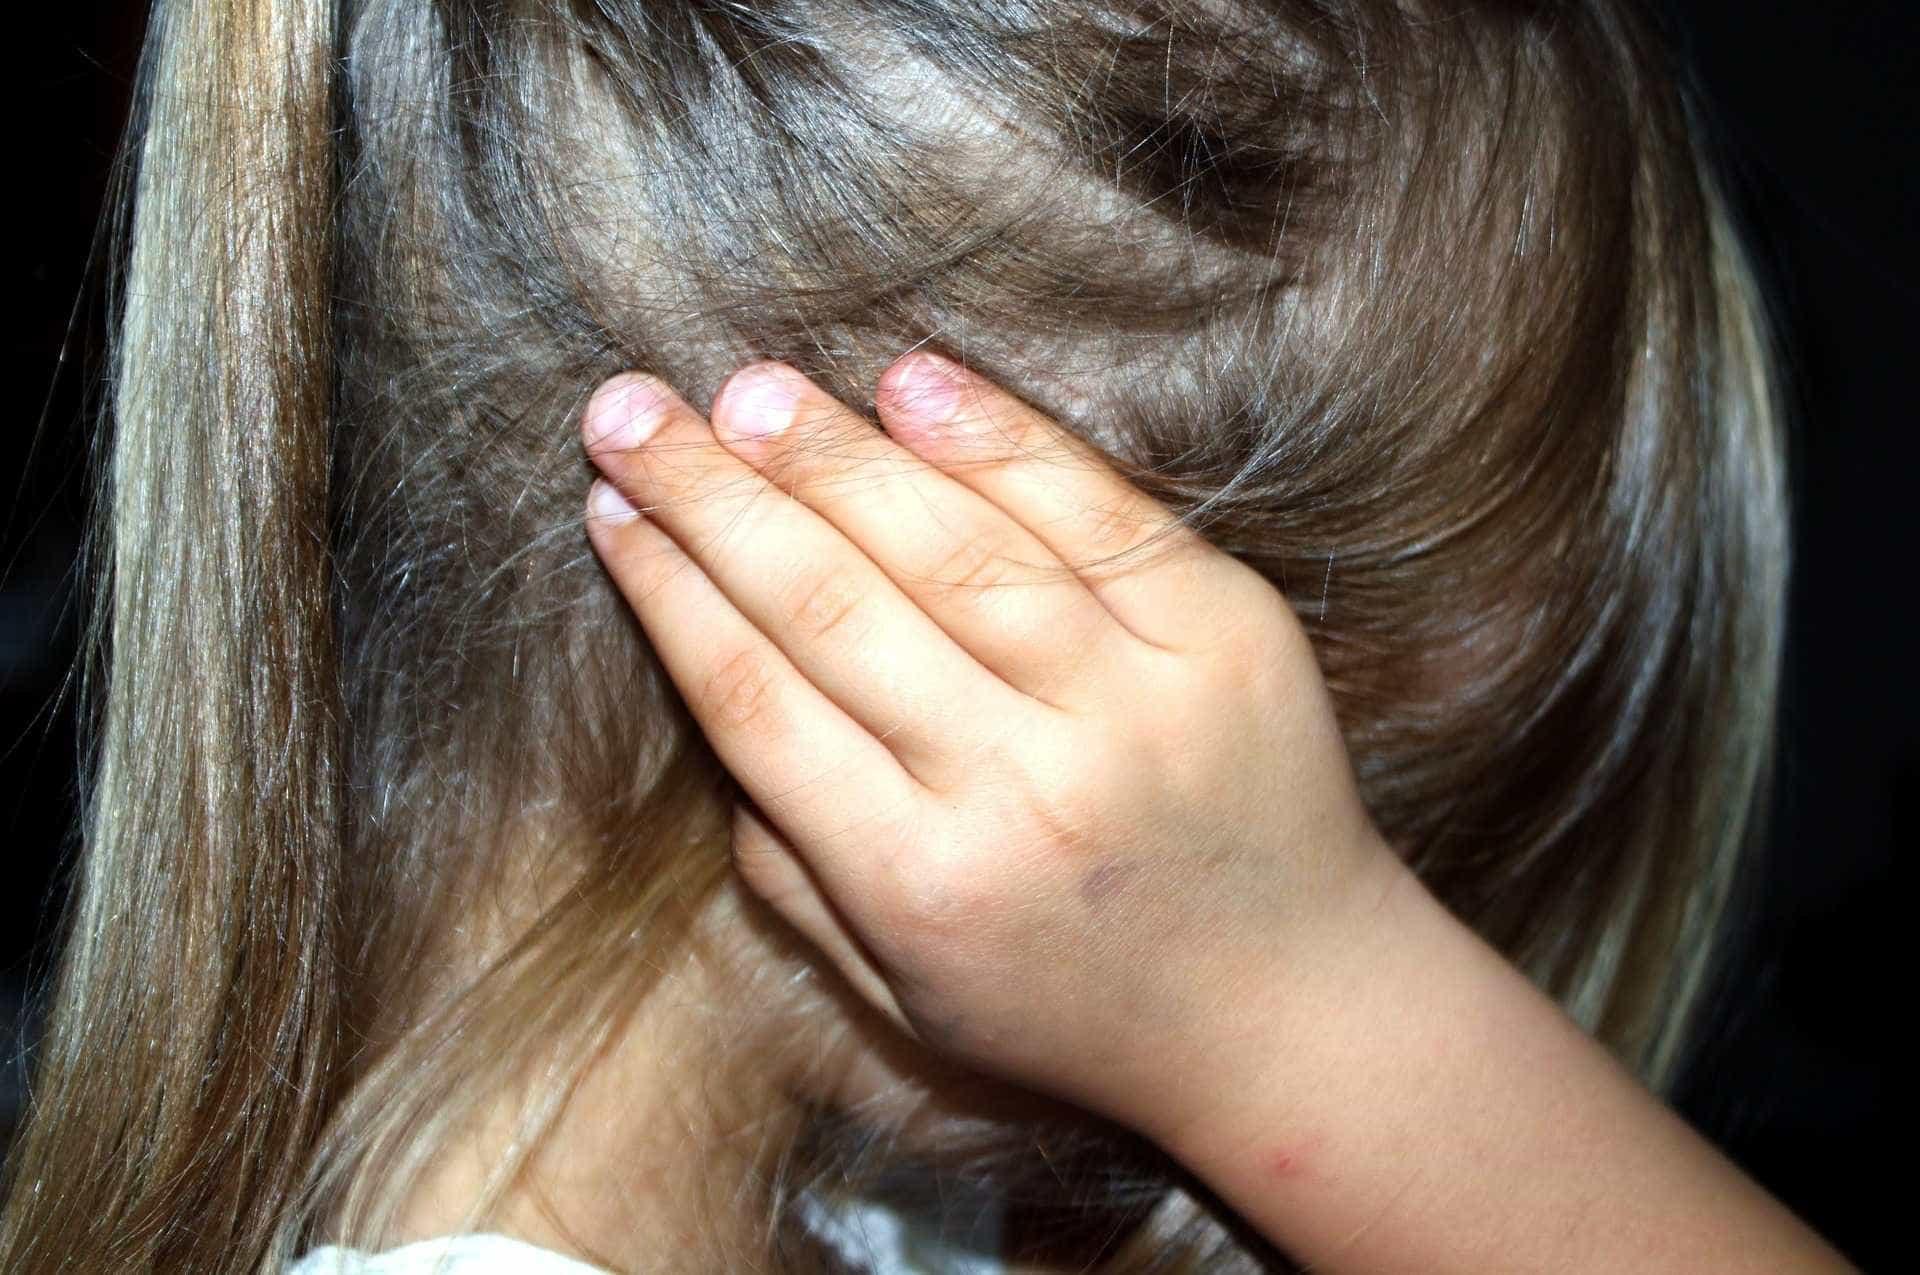 Dono de bar oferece doces para atrair e estuprar menina de 6 anos